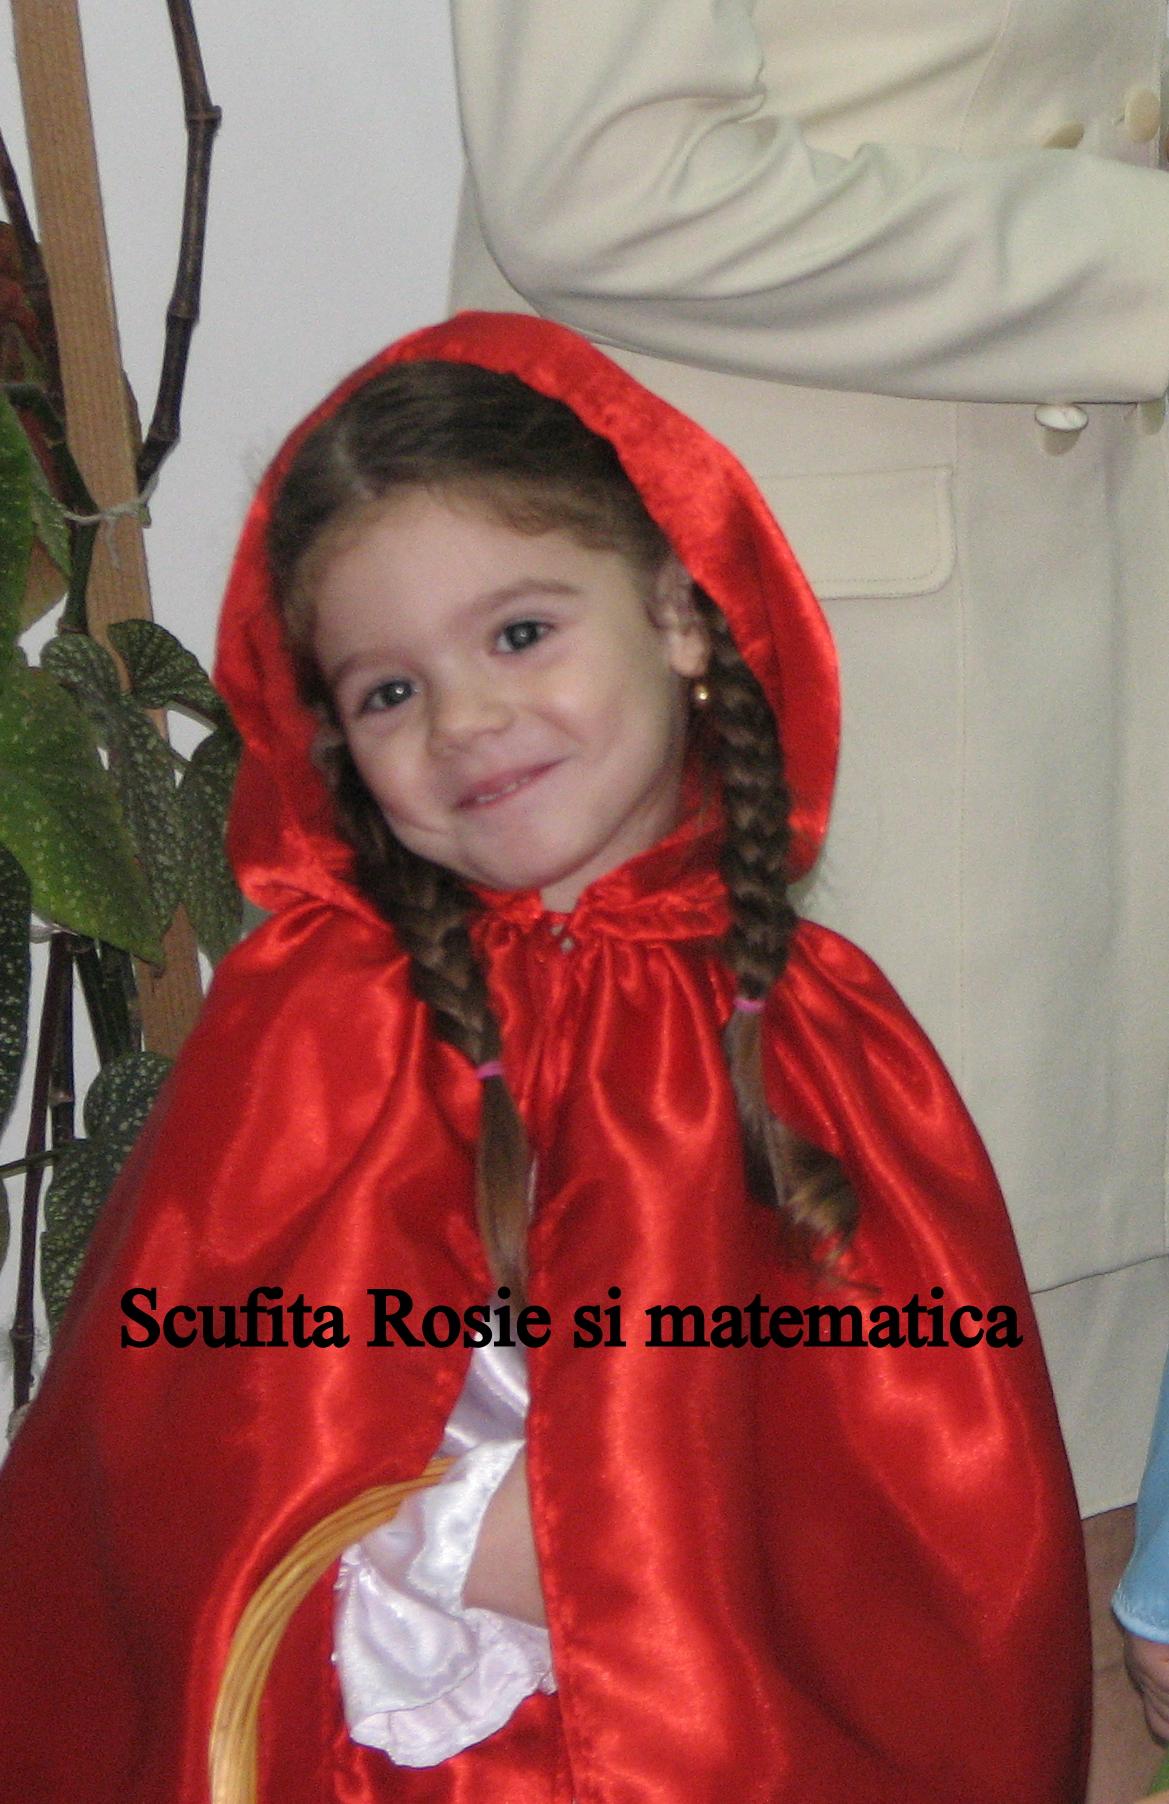 Scufiţa Roşie şi matematica (3)